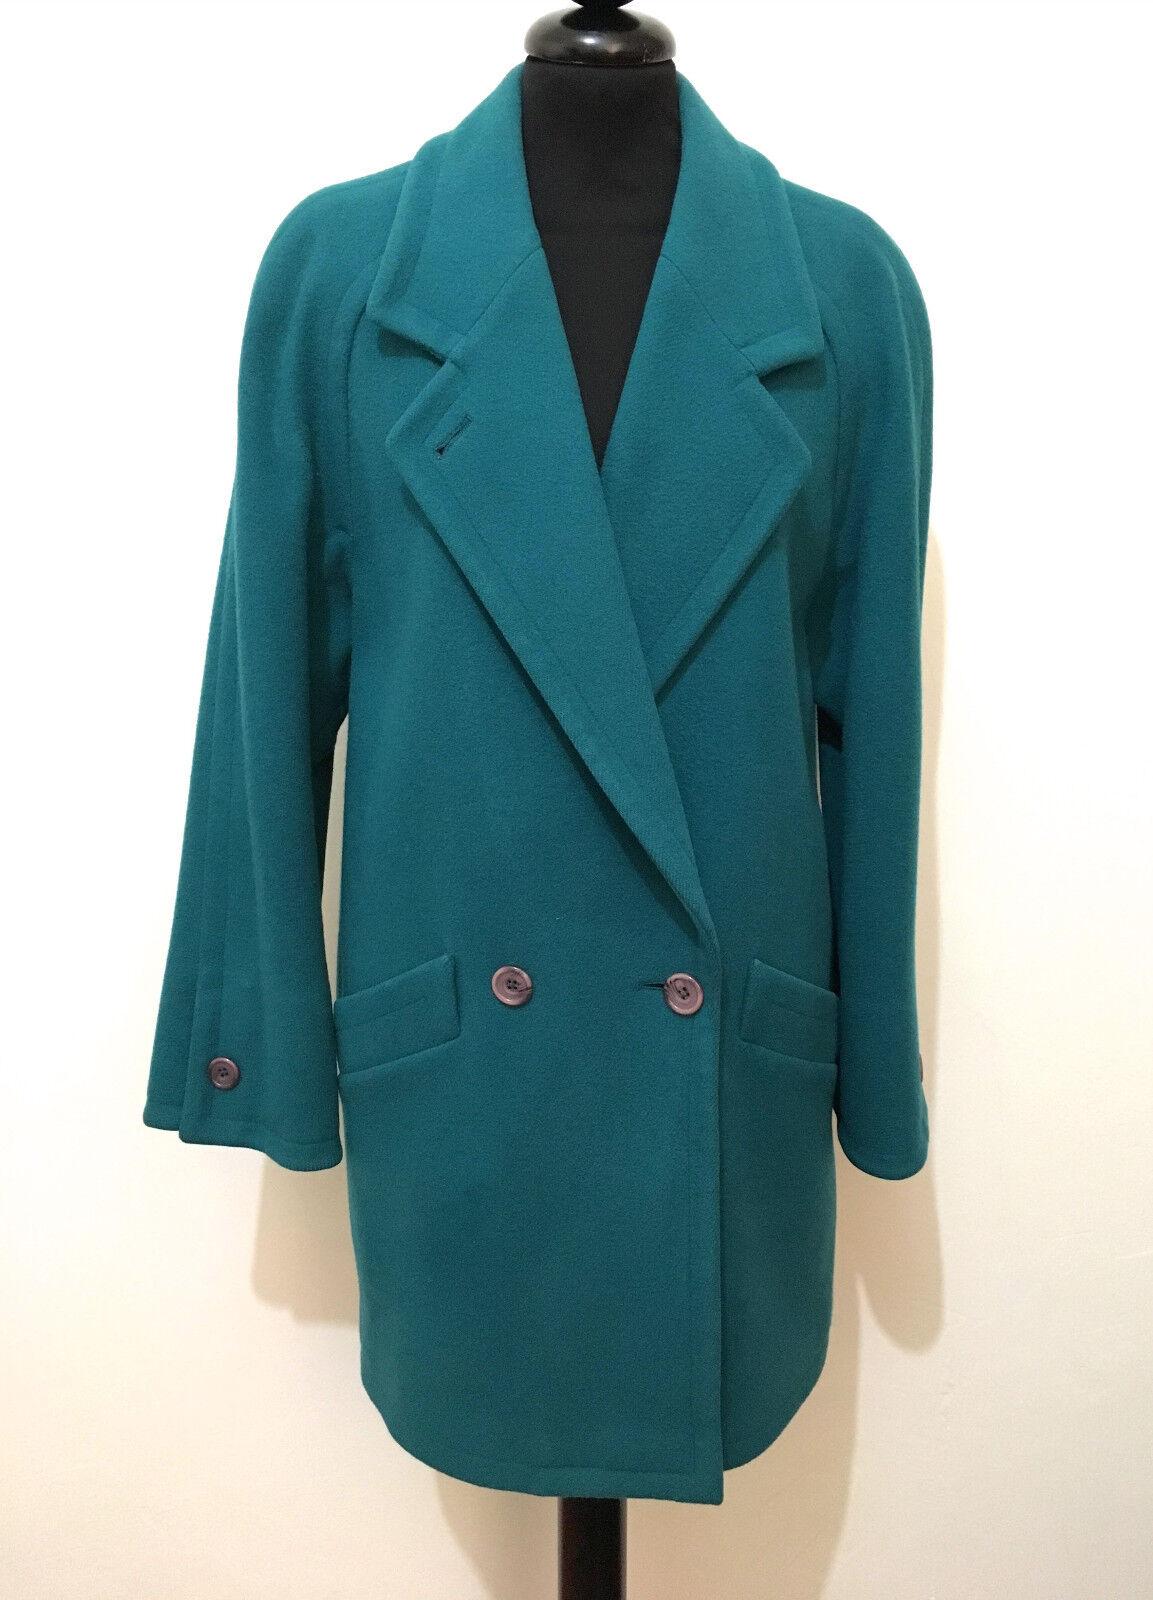 AQUASCUTUM AQUASCUTUM AQUASCUTUM Cappotto women Lana Doppiopetto Wool Woman Coat Sz.L - 46 b15851